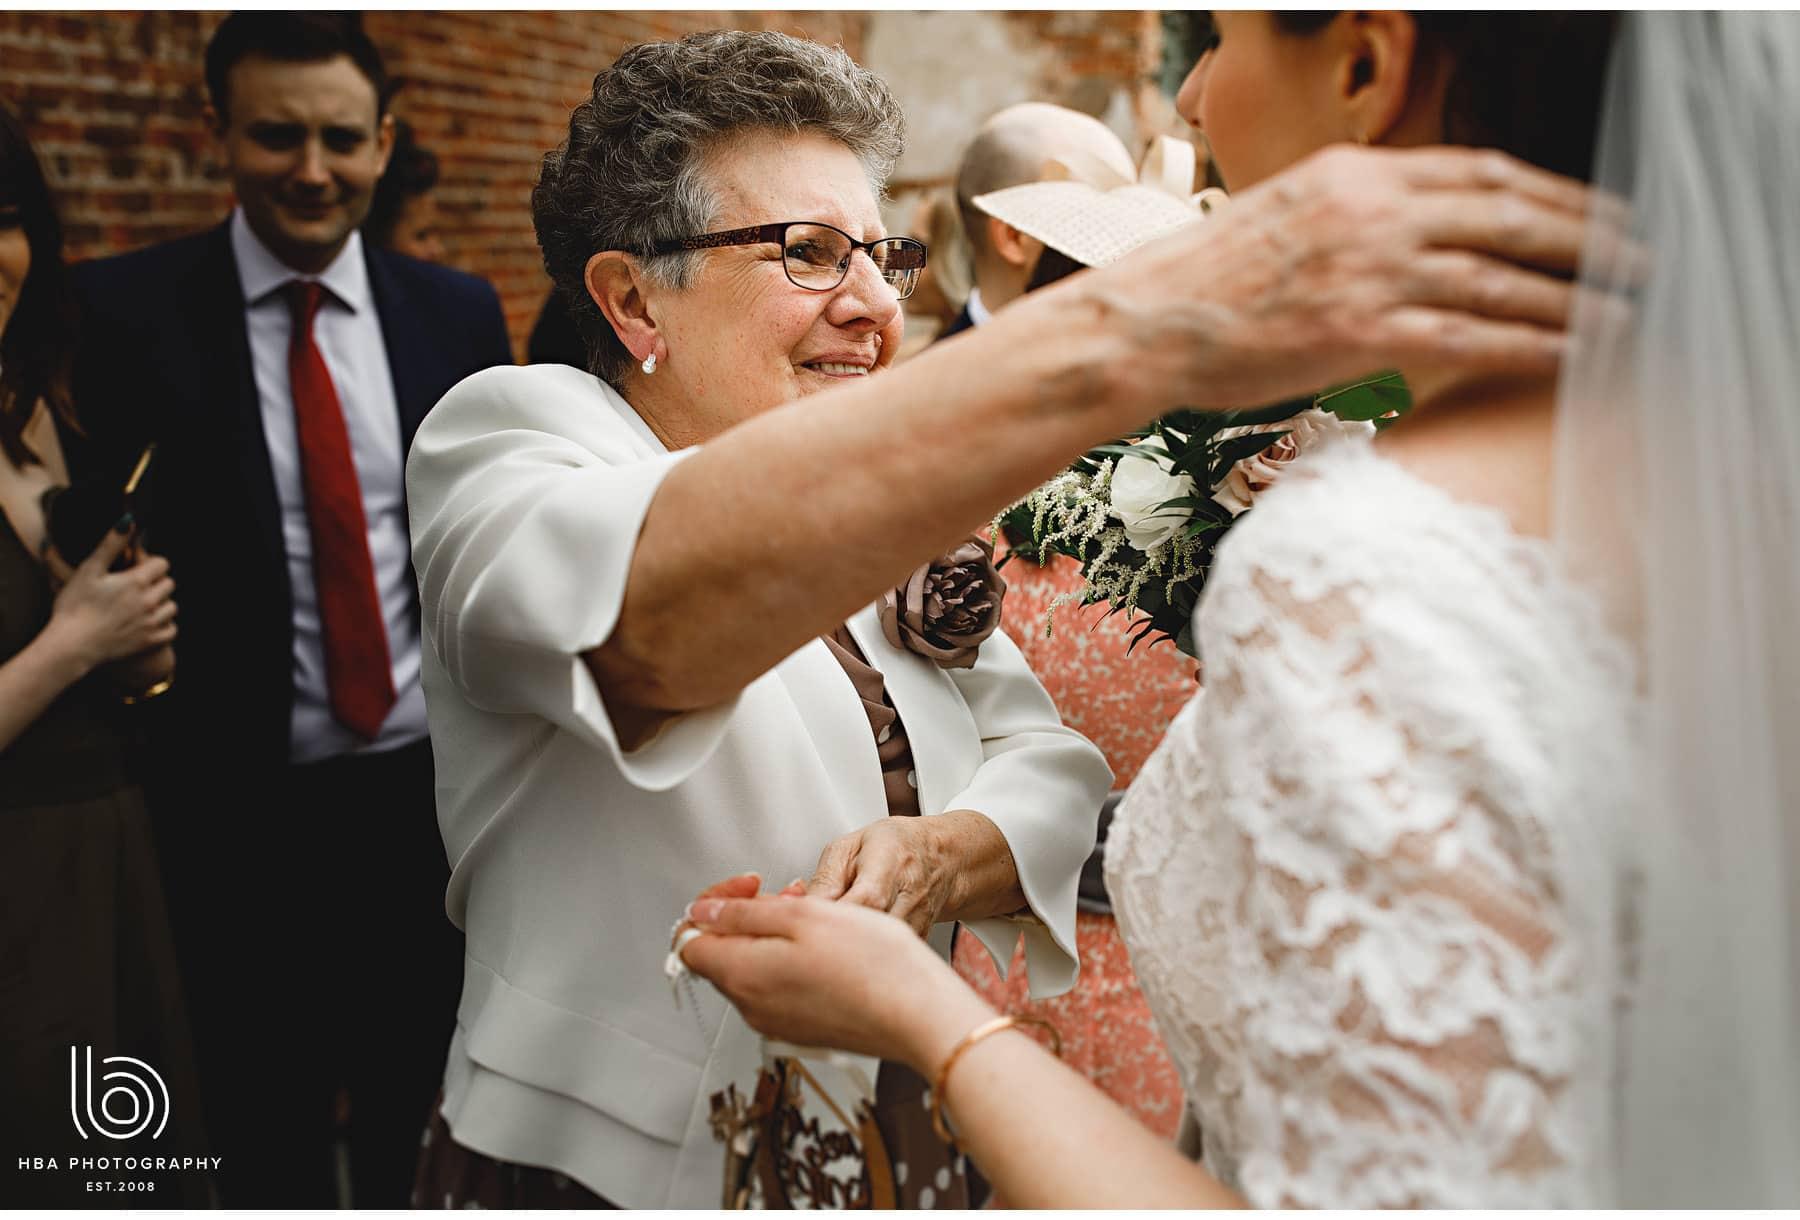 grandma hugging the bride